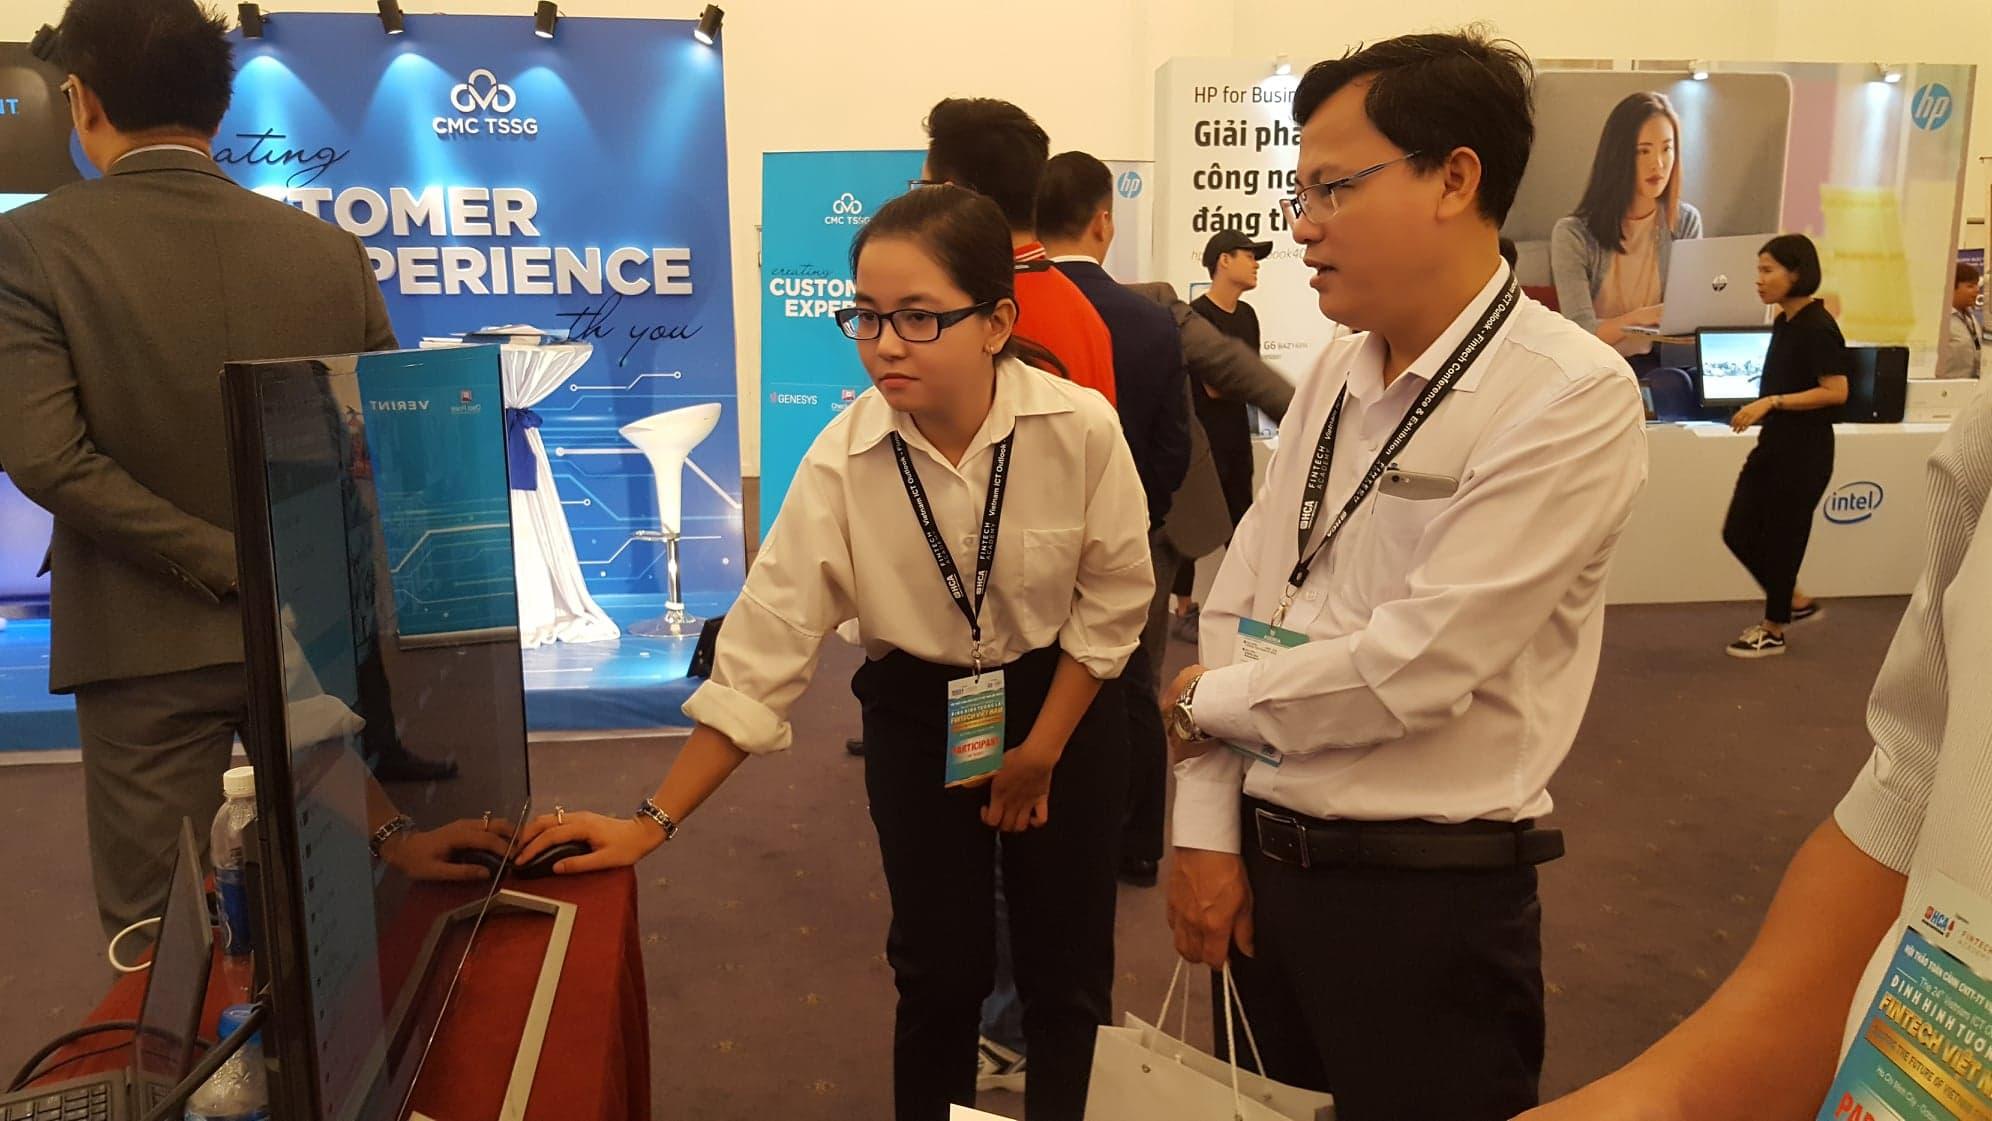 Doanh nghiệp Fintech giới thiệu những sản phẩm của mình tại Hội thảo